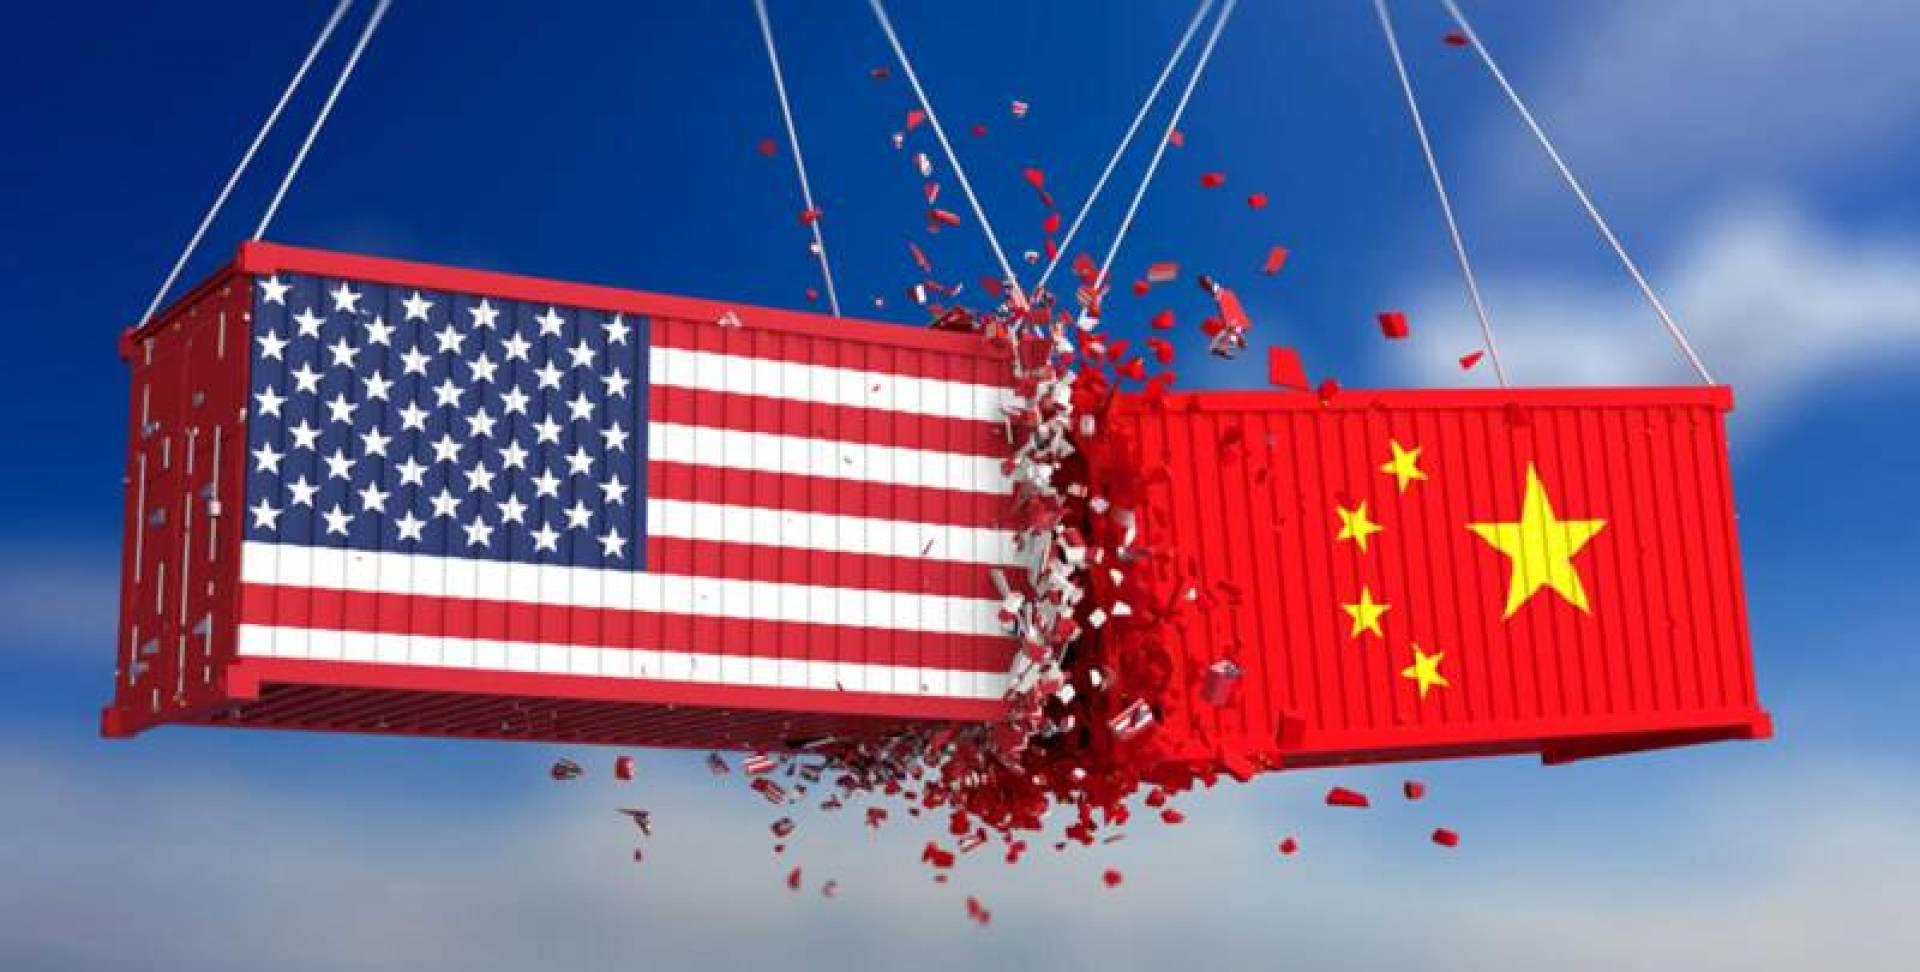 صناعة النفط الأميركية أبرز ضحايا الحرب التجارية مع الصين